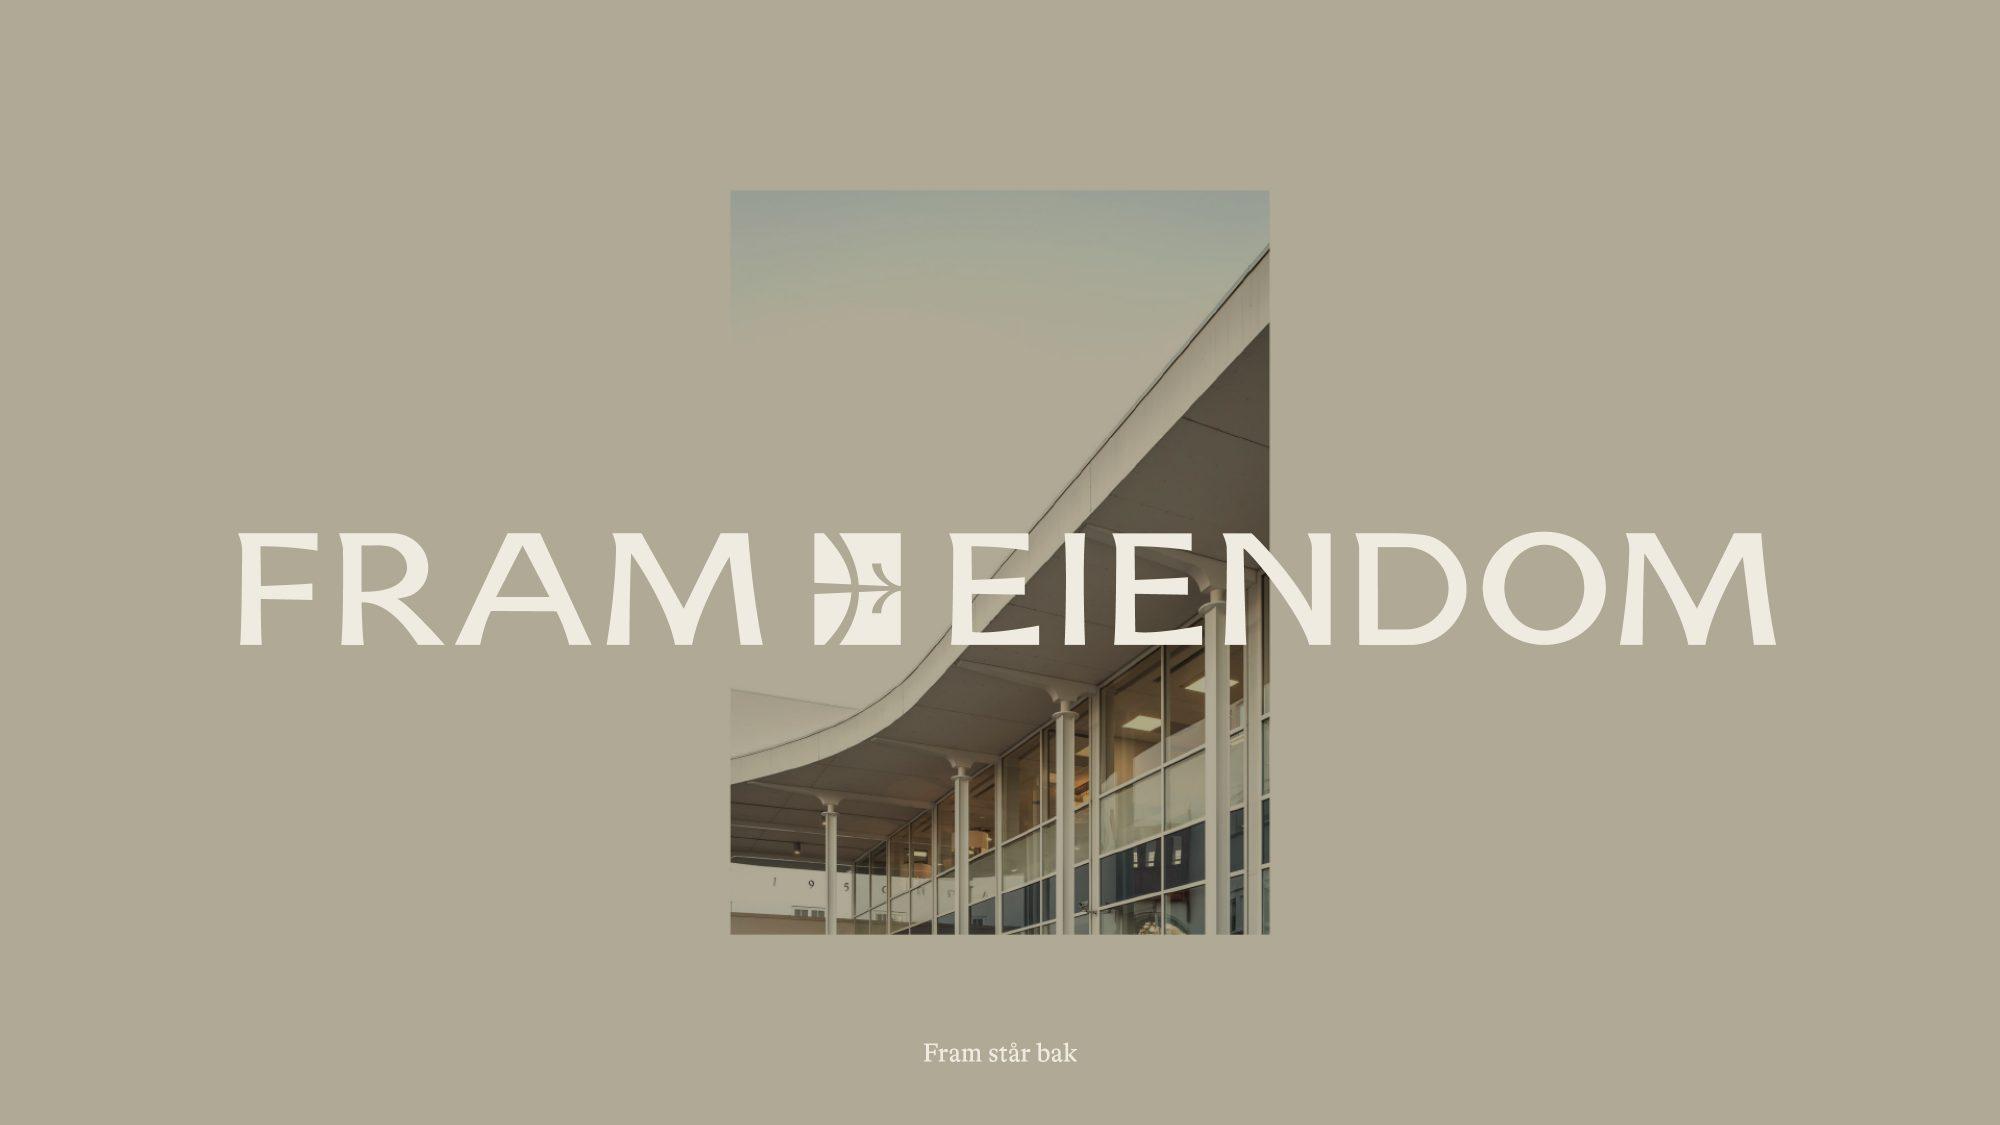 Fram_Eiendom_presentasjon4